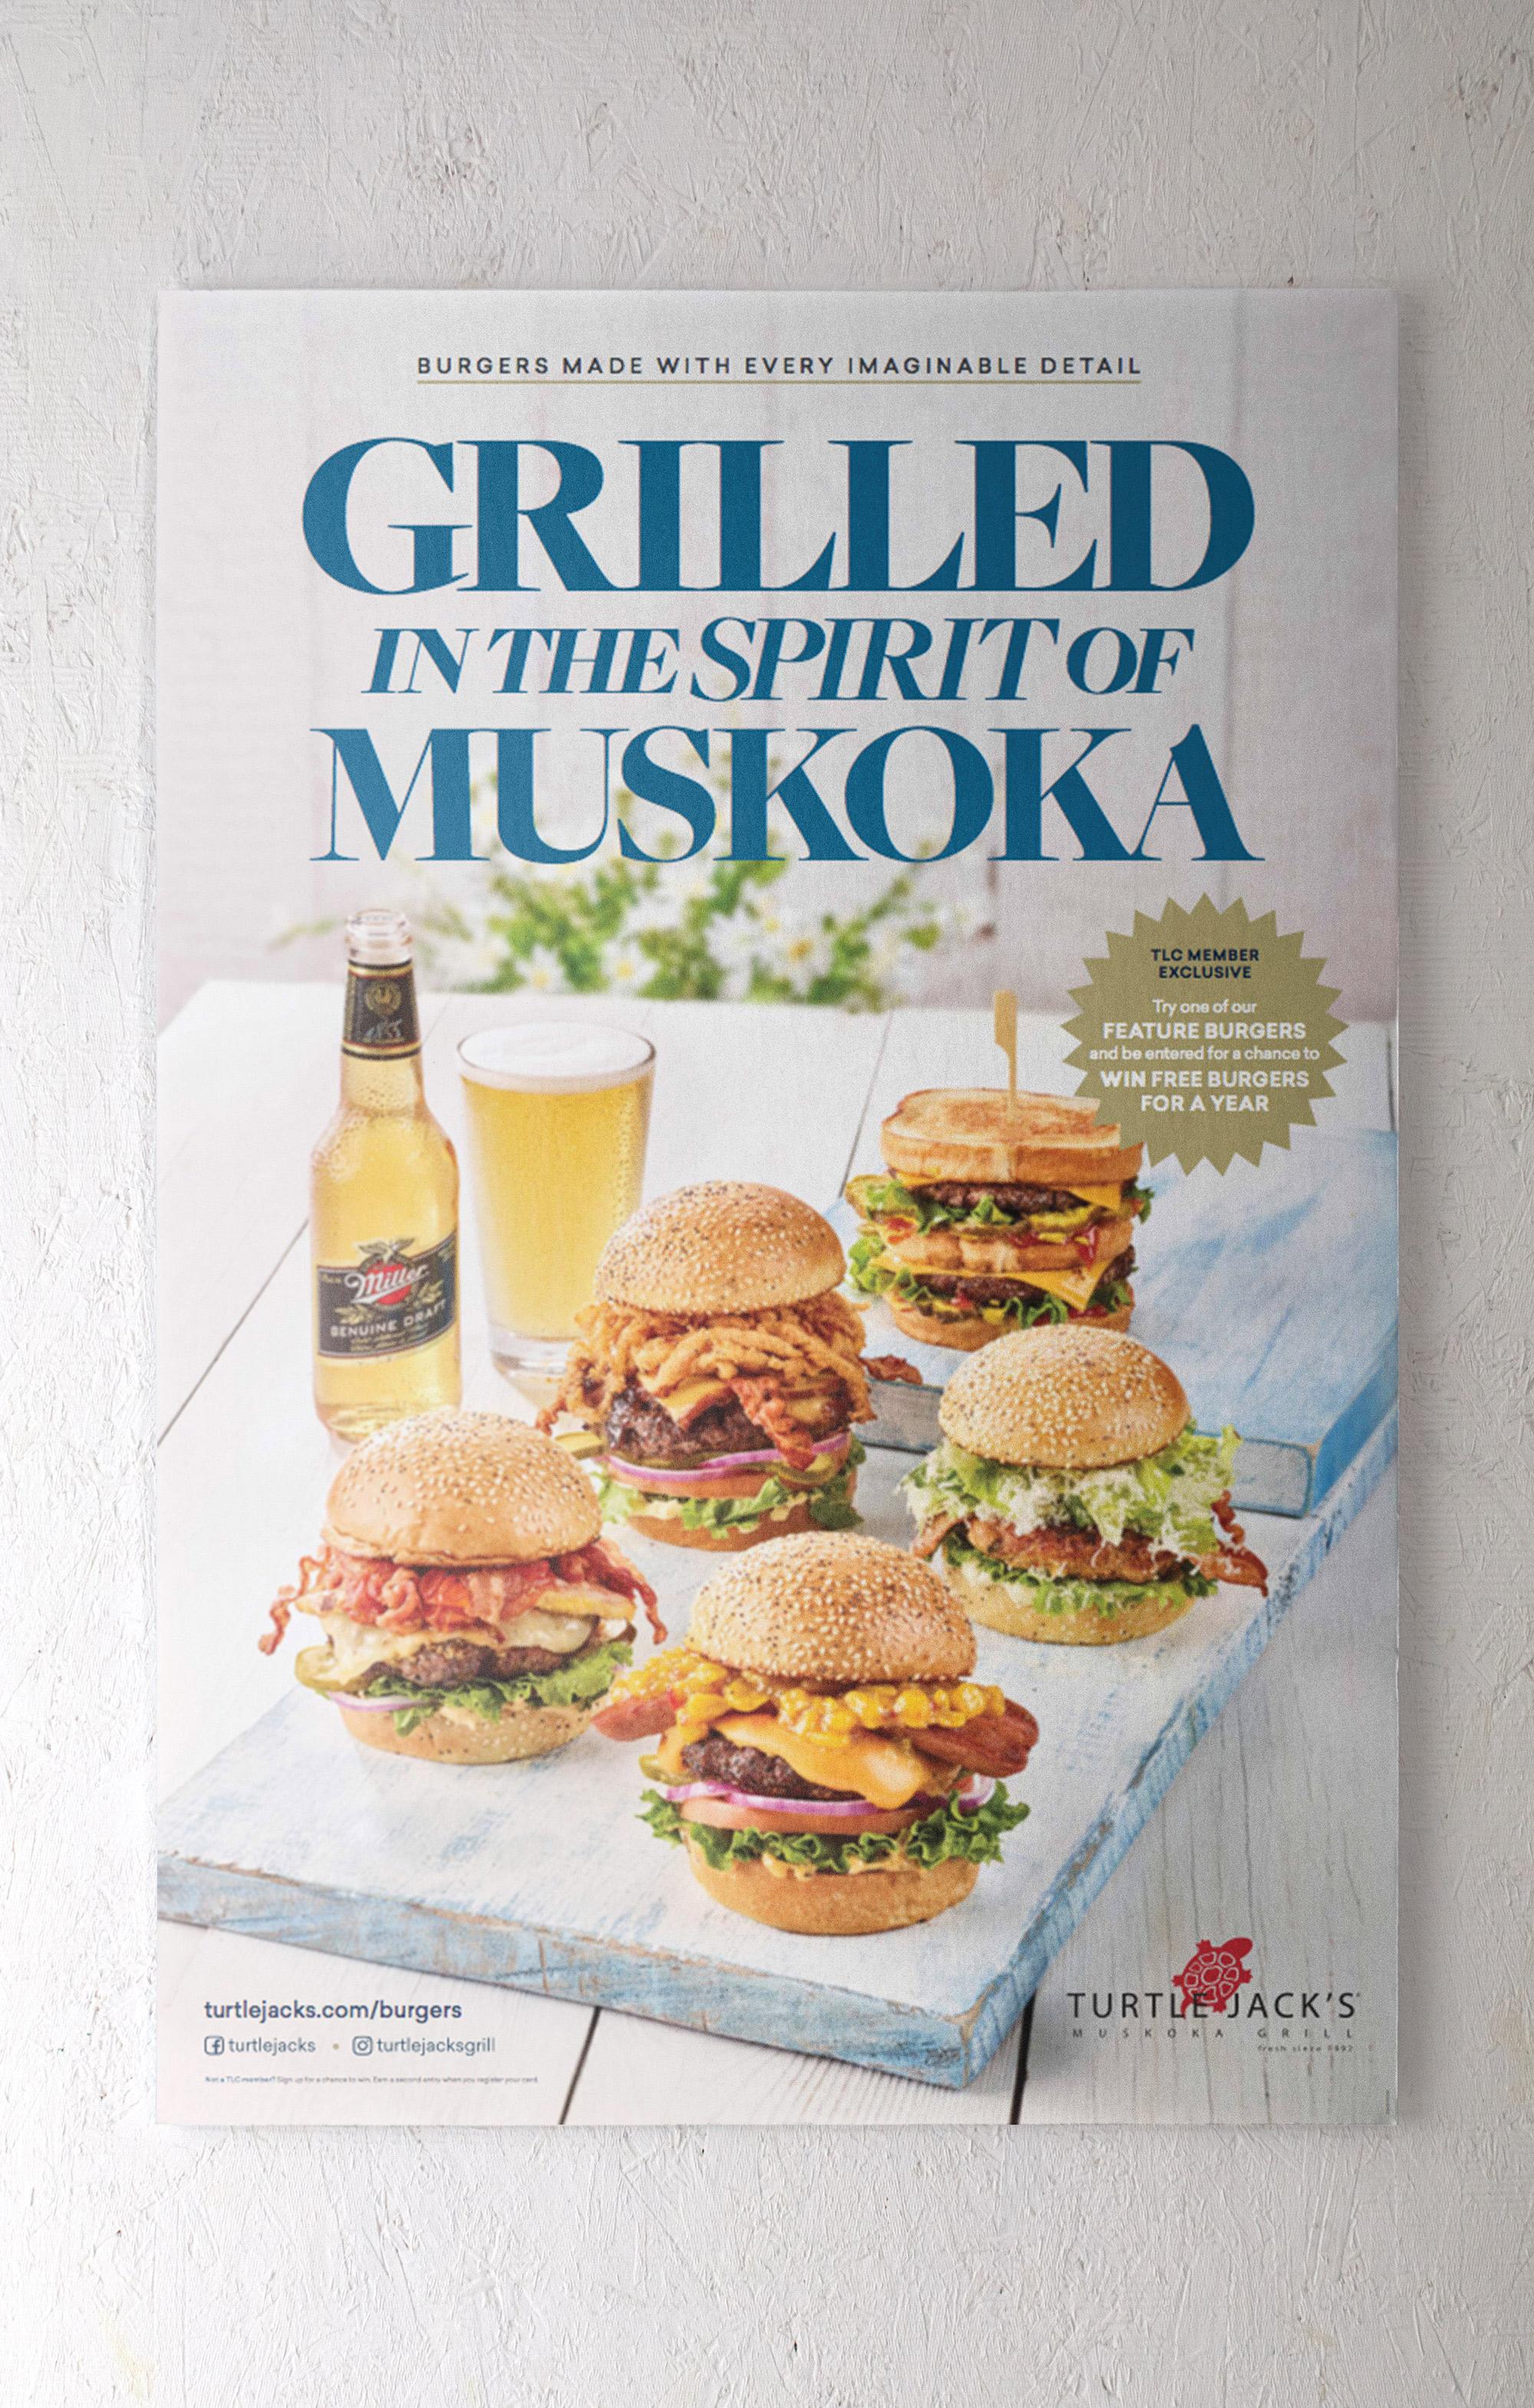 burger turtle jack's poster